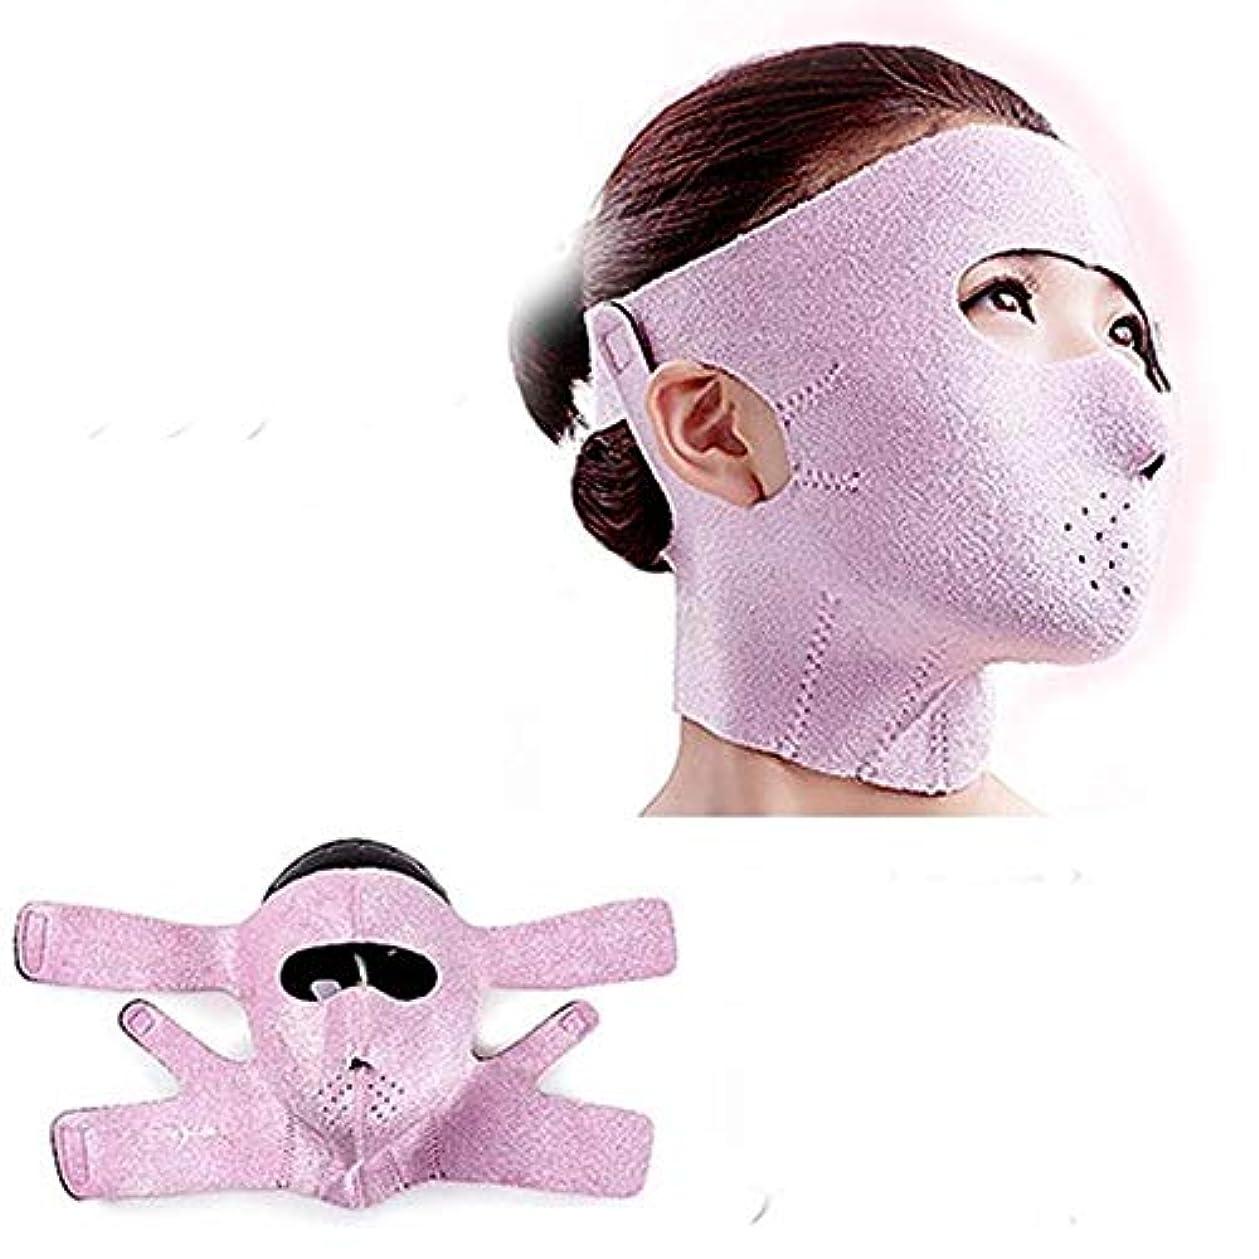 エンコミウム食欲版小顔 矯正 補正 サウナ マスク サポーター 顔 リフトアップ エステ ダイエット